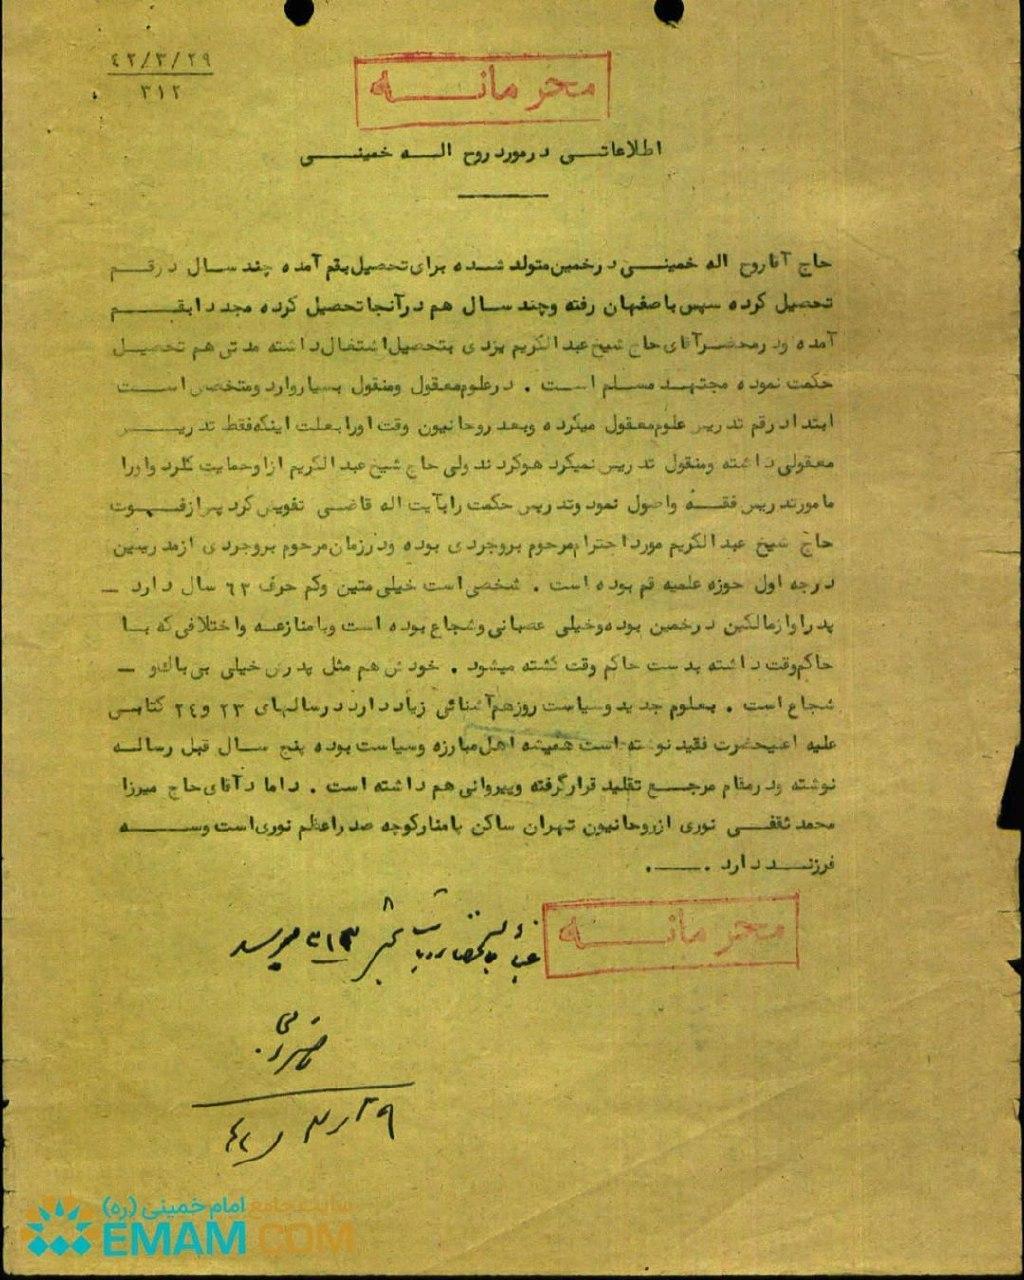 گزارش شهربانی کل کشور از جایگاه امام خمینی (ره) در سال ۱۳۴۲ + عکس